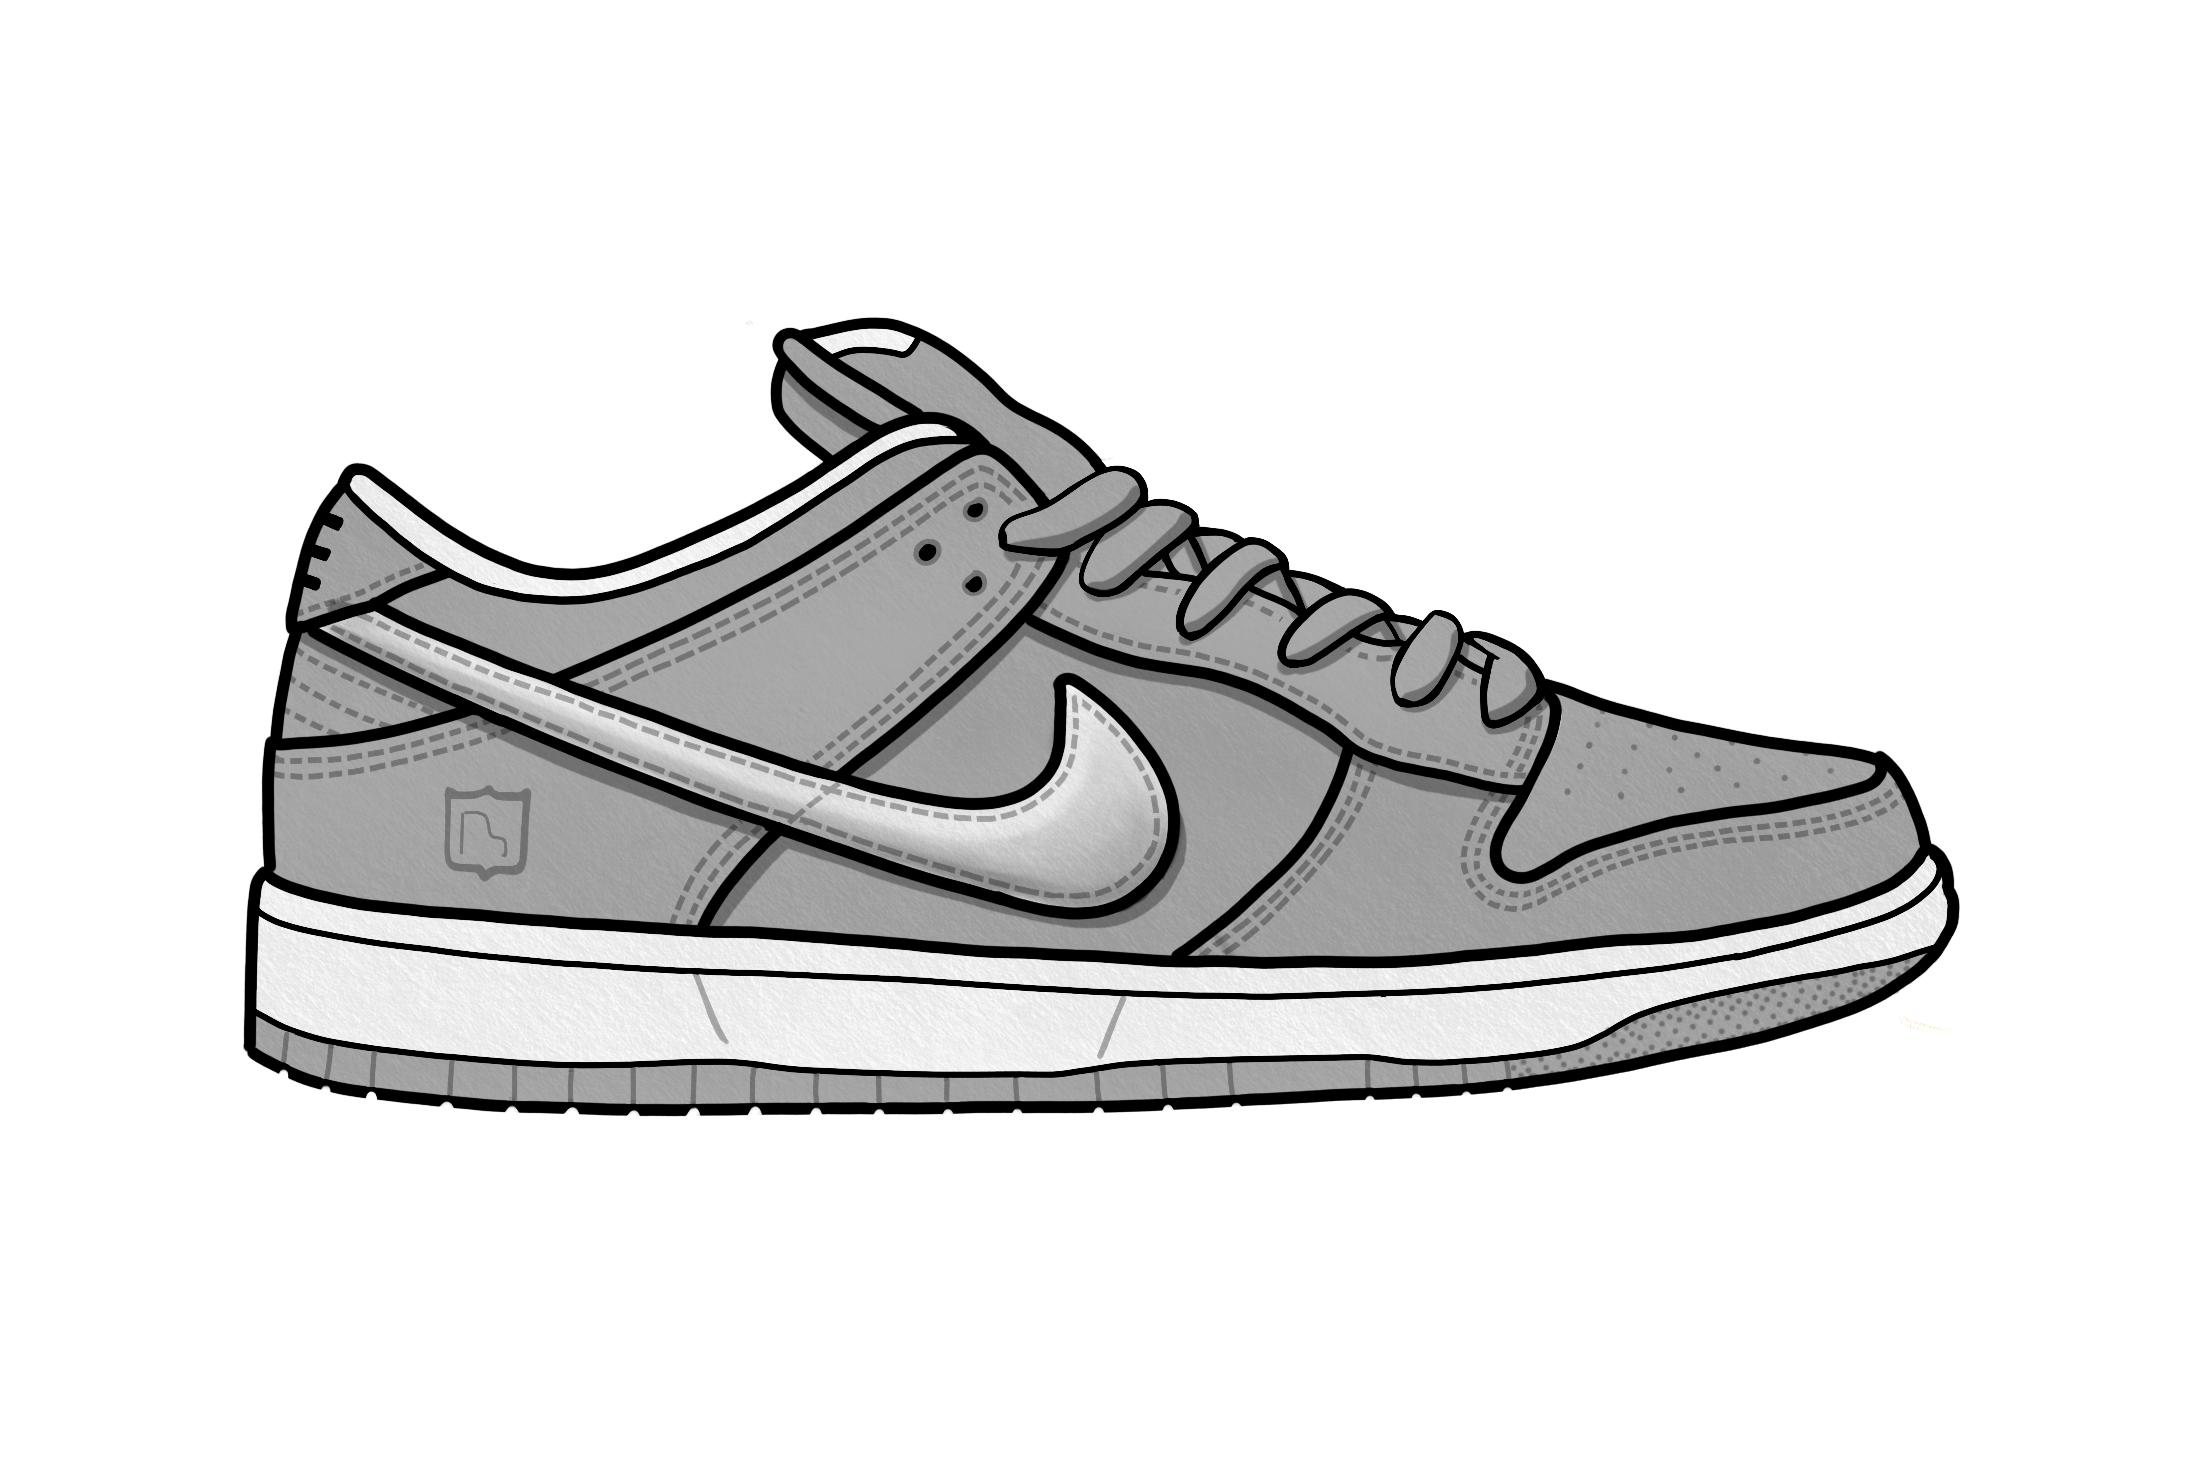 Converse clipart hip hop shoe, Converse hip hop shoe.